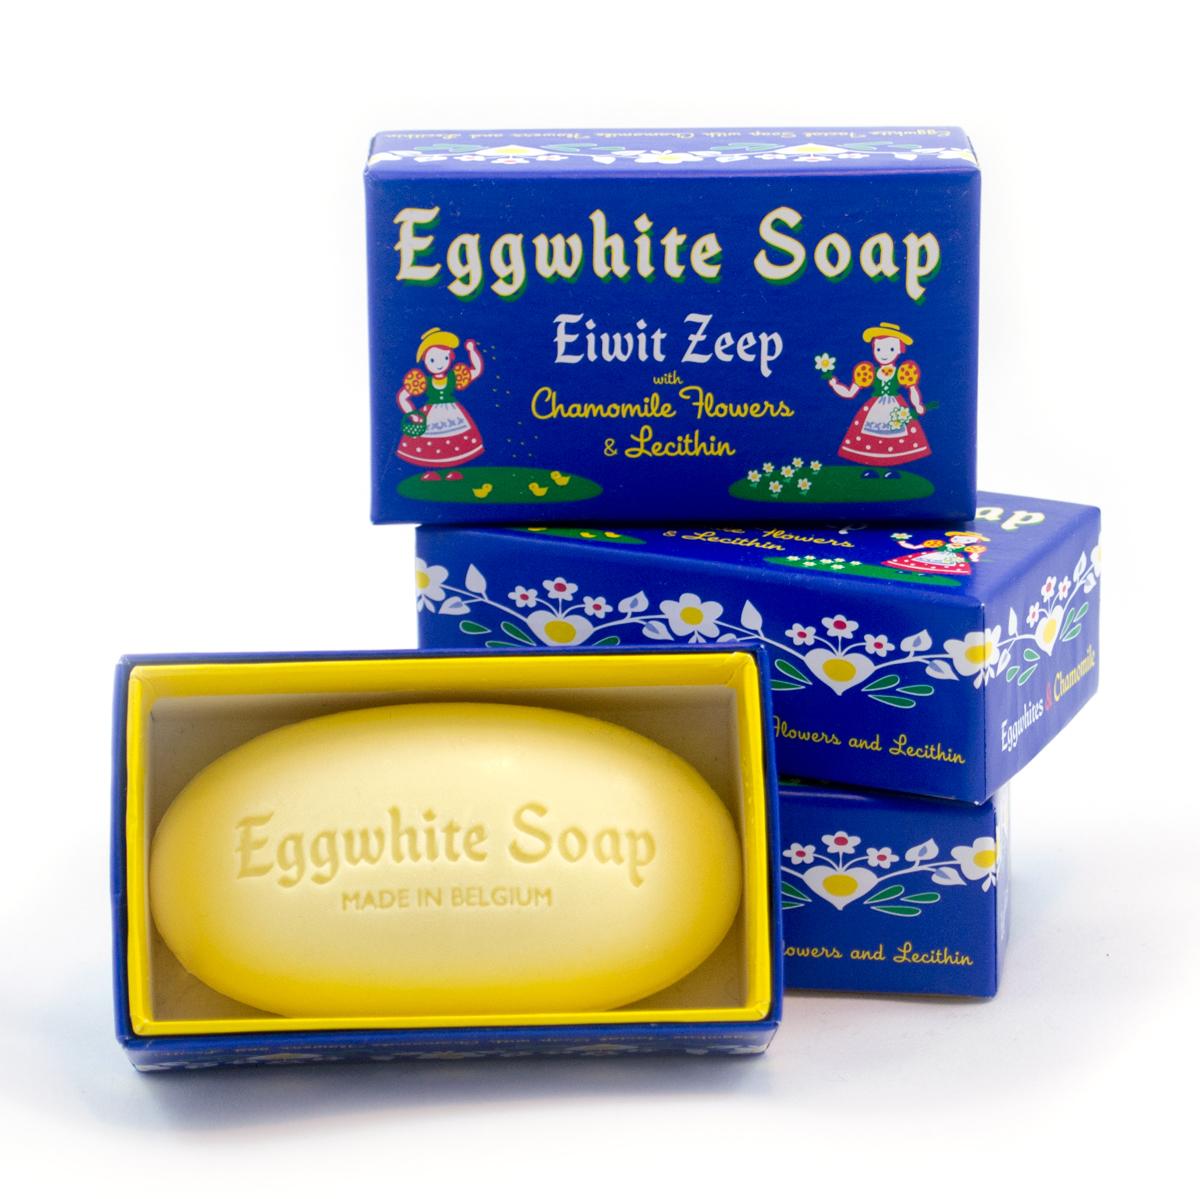 Eggwhite-Soap-1.jpg